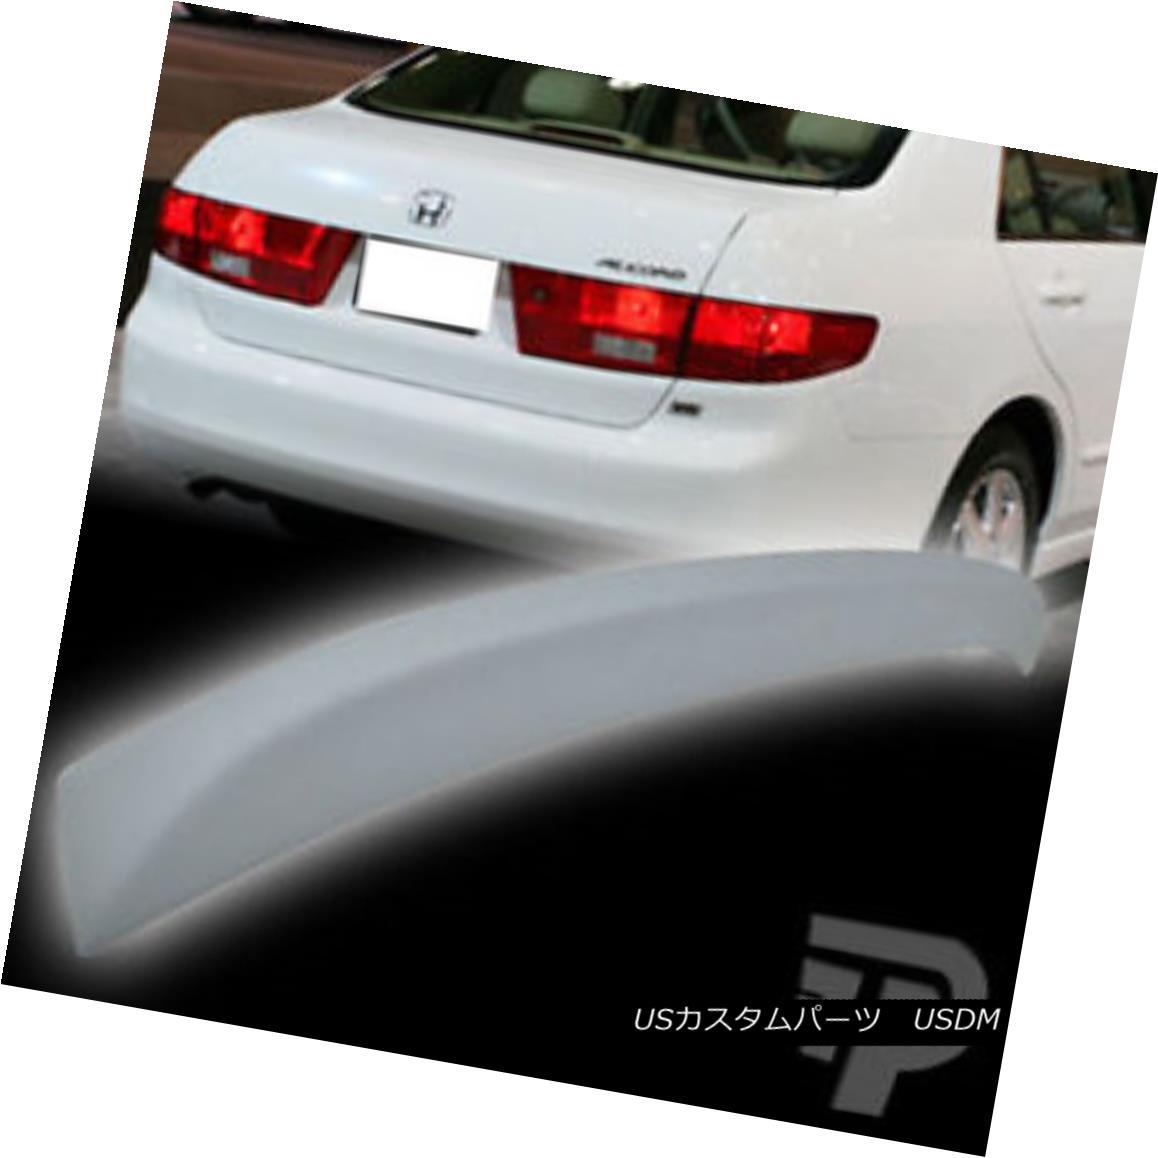 エアロパーツ Unpainted FRP Honda Accord Sedan OE Type Rear Trunk Spoiler Wing 2003-2005▼ 未塗装FRPホンダアコードセダンOEタイプリアトランク・スポイラーウイング2003-2005?